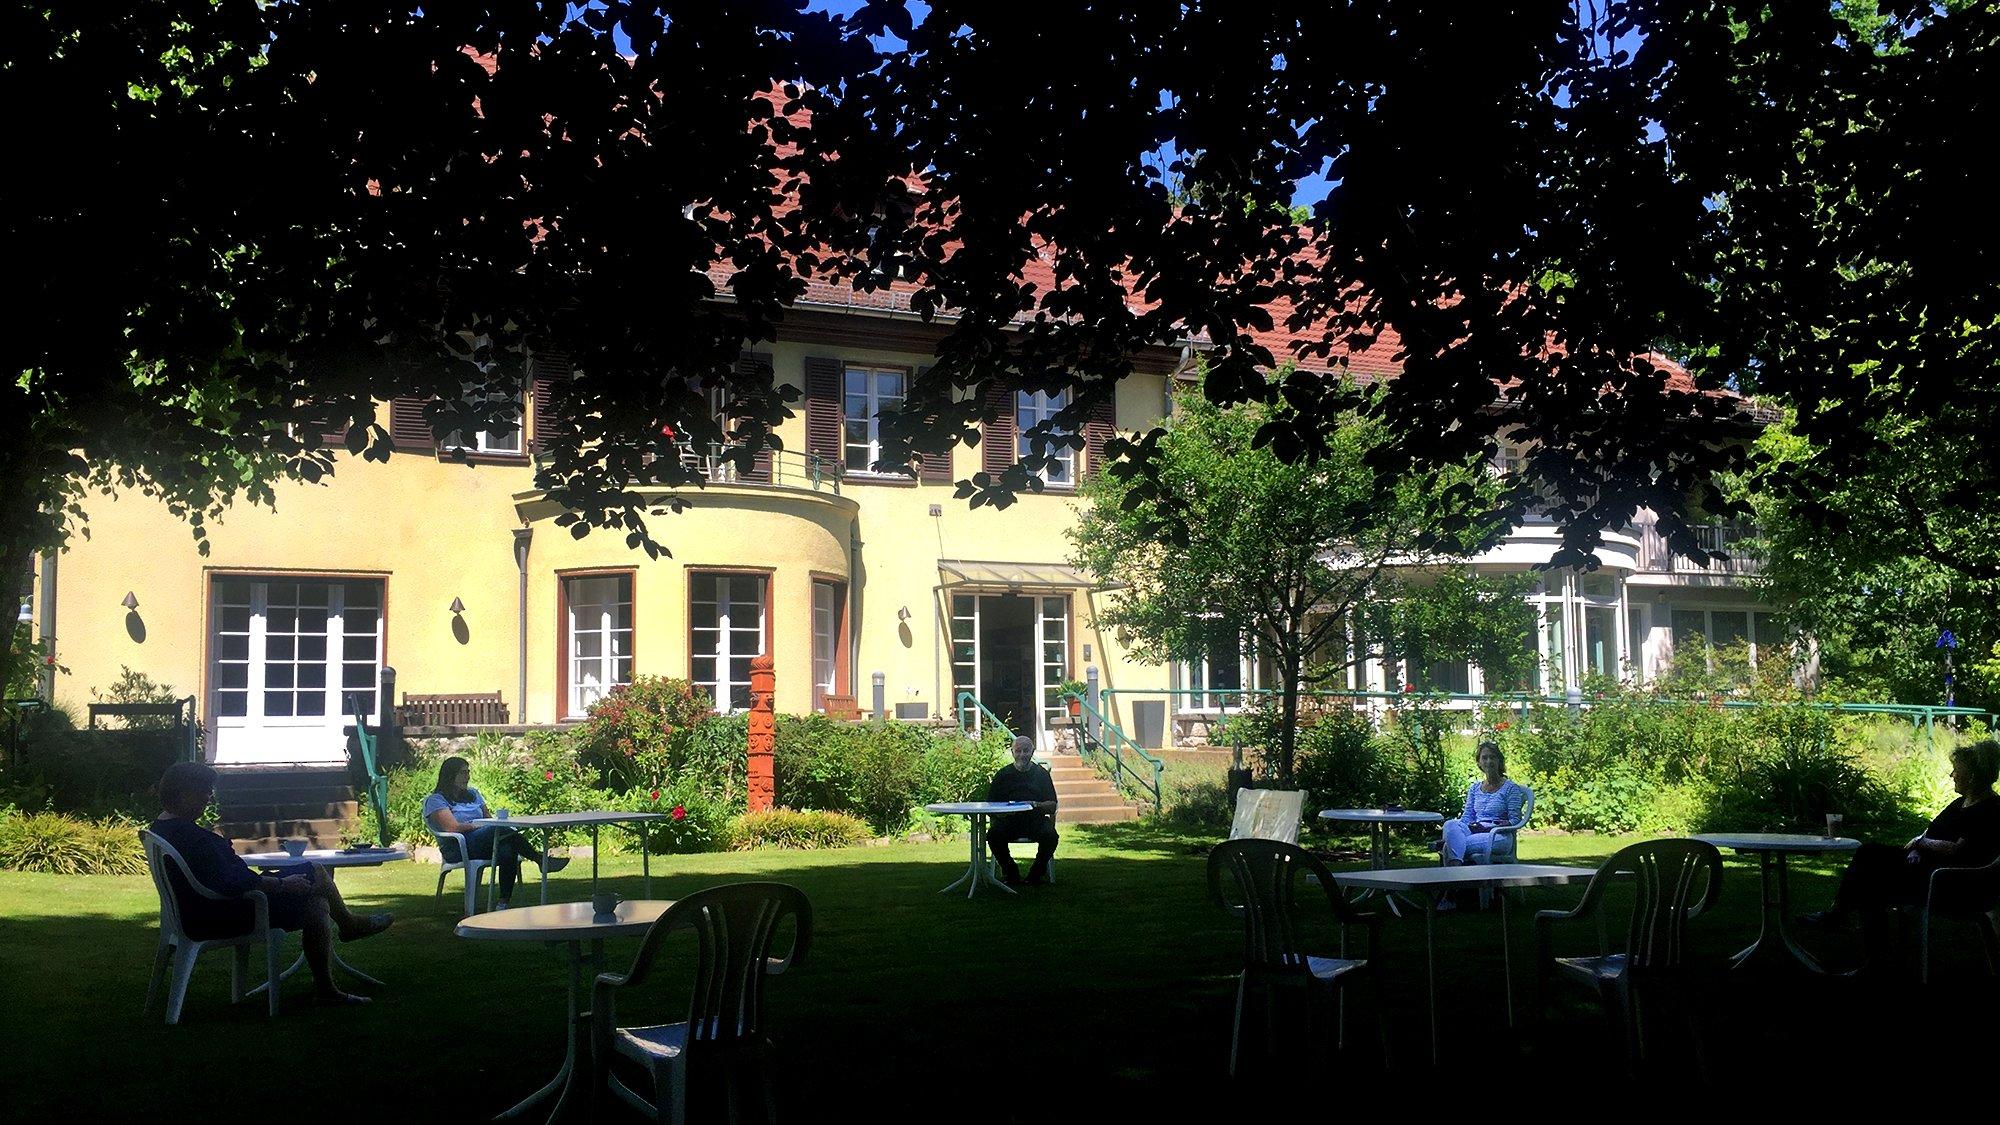 Blick aus dem Garten auf die Villa Donnersmarck, die im Hintergrund zu sehen ist. Davor an mit großem Abstand gestellten Tischen, Mitarbeitende bei ihrer Besprechung